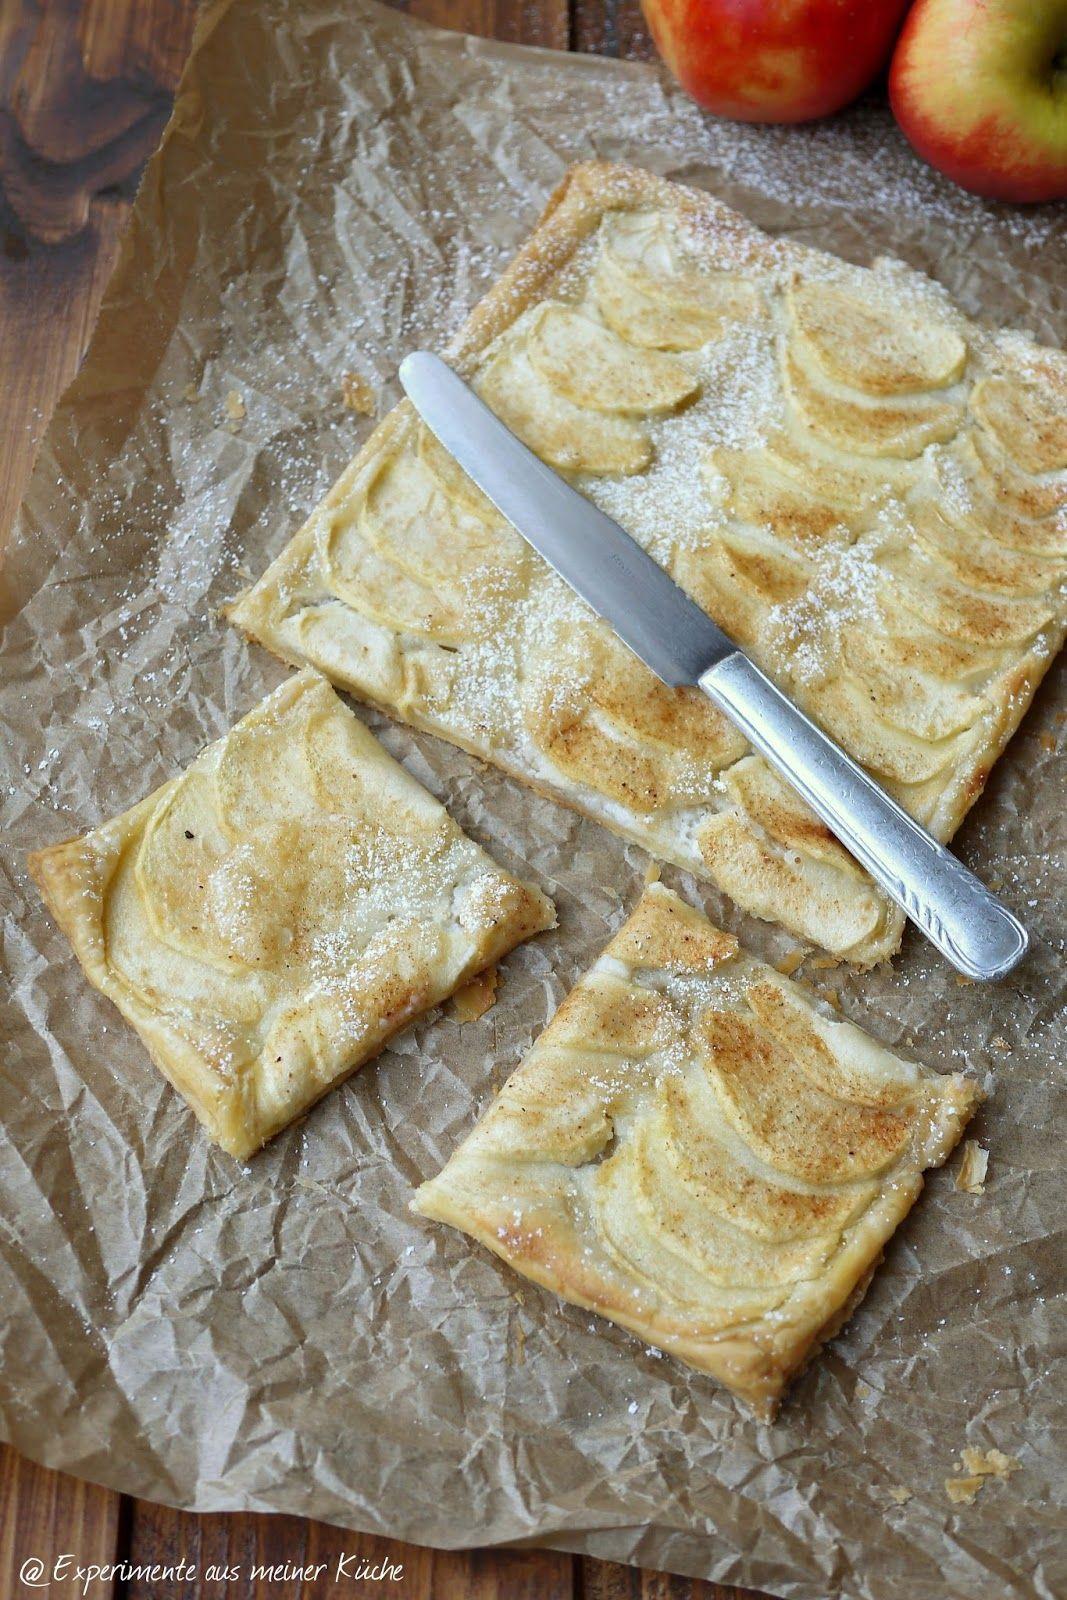 Apfel-Blätterteig-Schnitten mit Marzipanschmand - Experimente aus meiner Küche